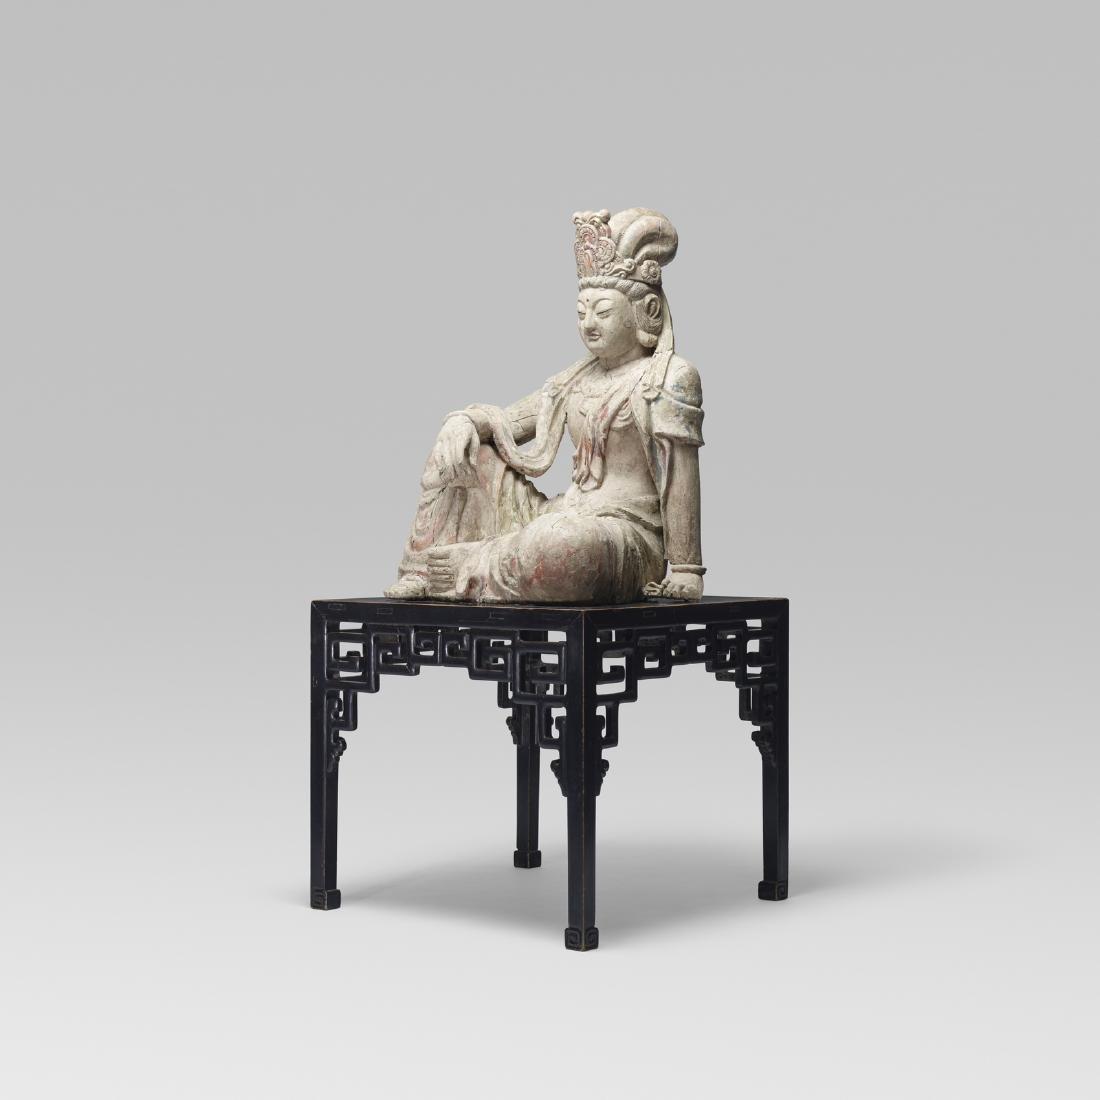 Guan Yin Goddess of Mercy